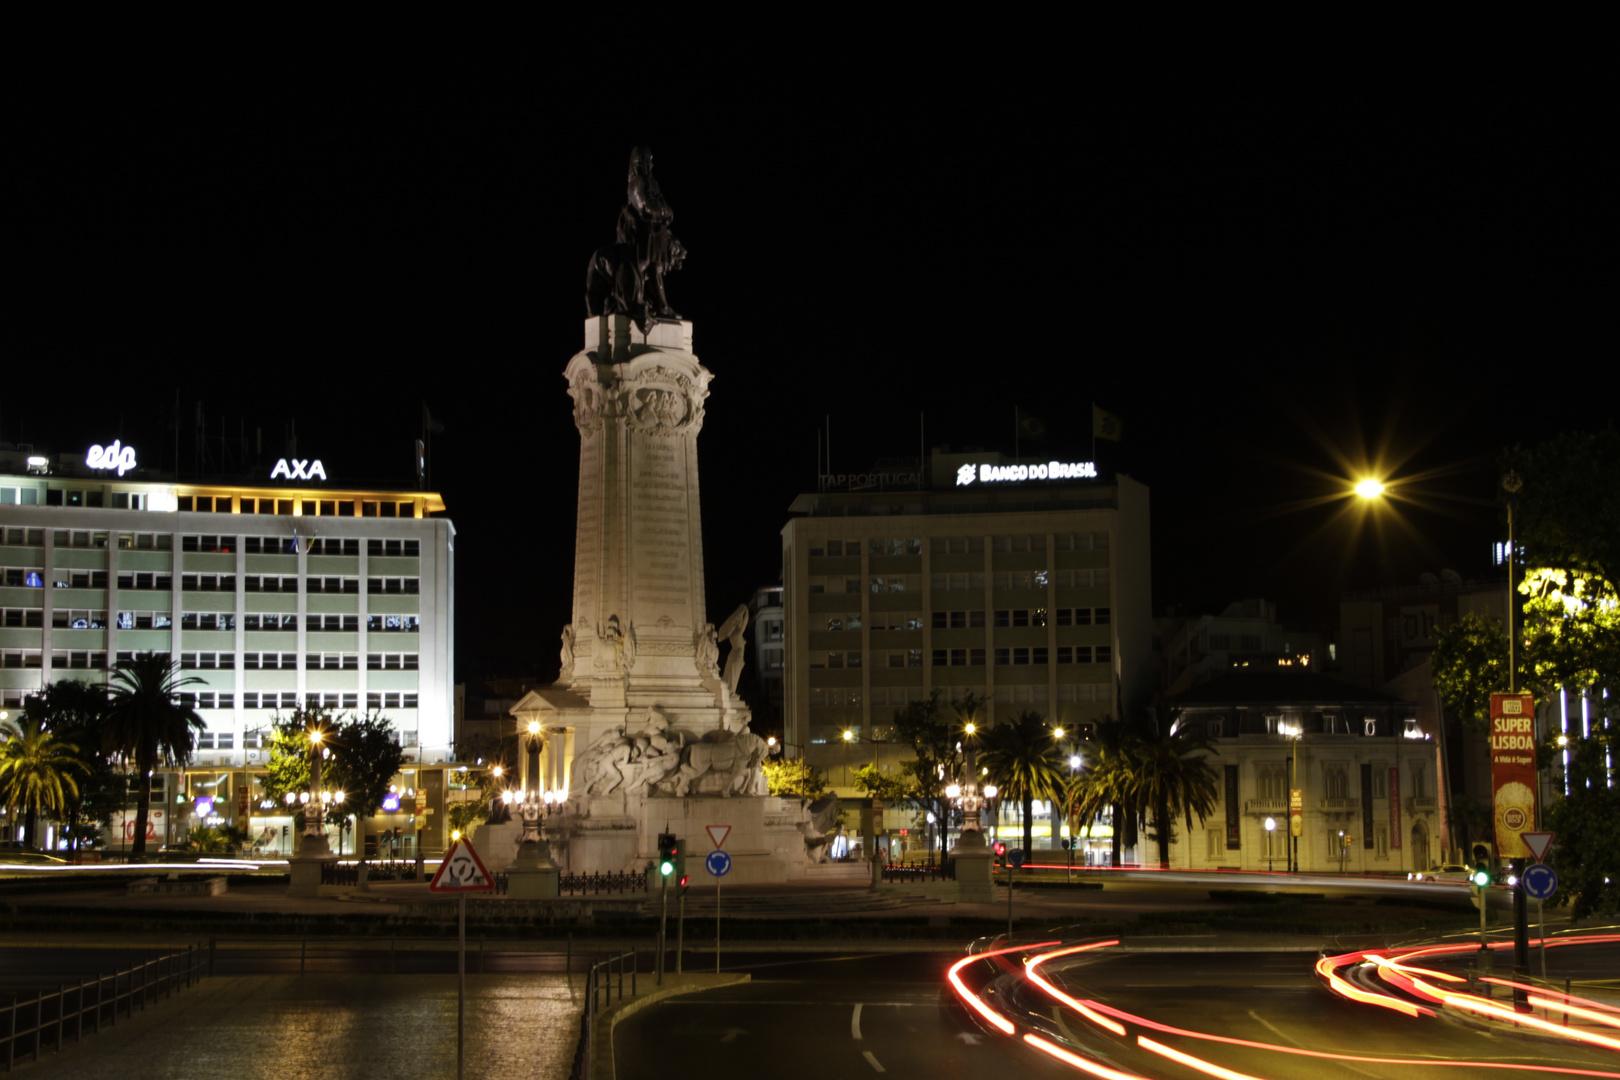 Großer Kreisverkehr Marque de Pombal in Lissabon